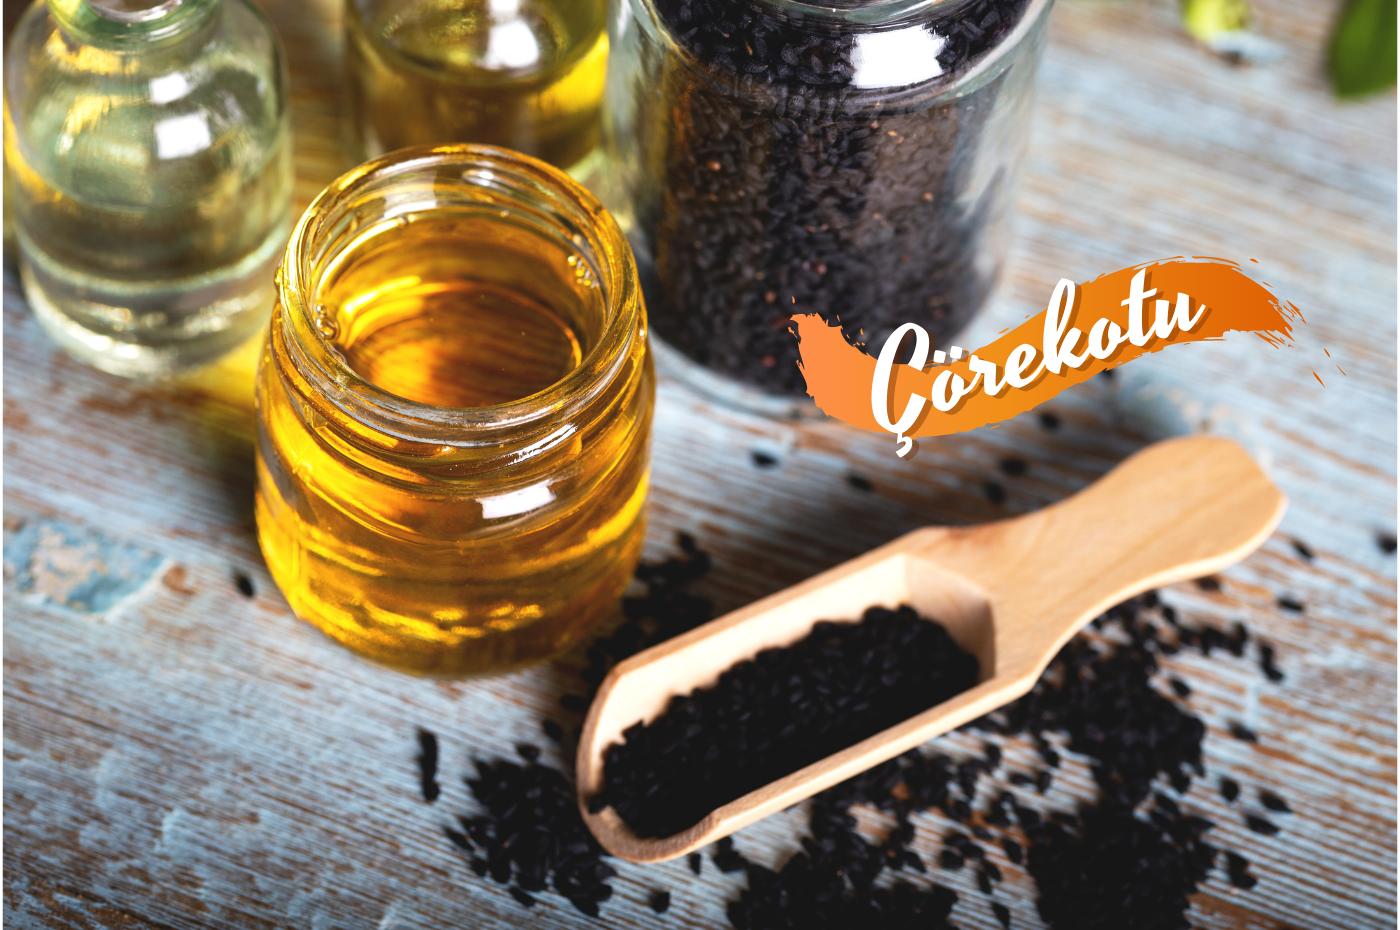 Çörek otunun faydaları, Çörek otu yağının faydaları, Çörek otu yağı nasıl yapılır? Çörek otu nedir? Çörek otu Hangi hastalıklara iyi gelir?